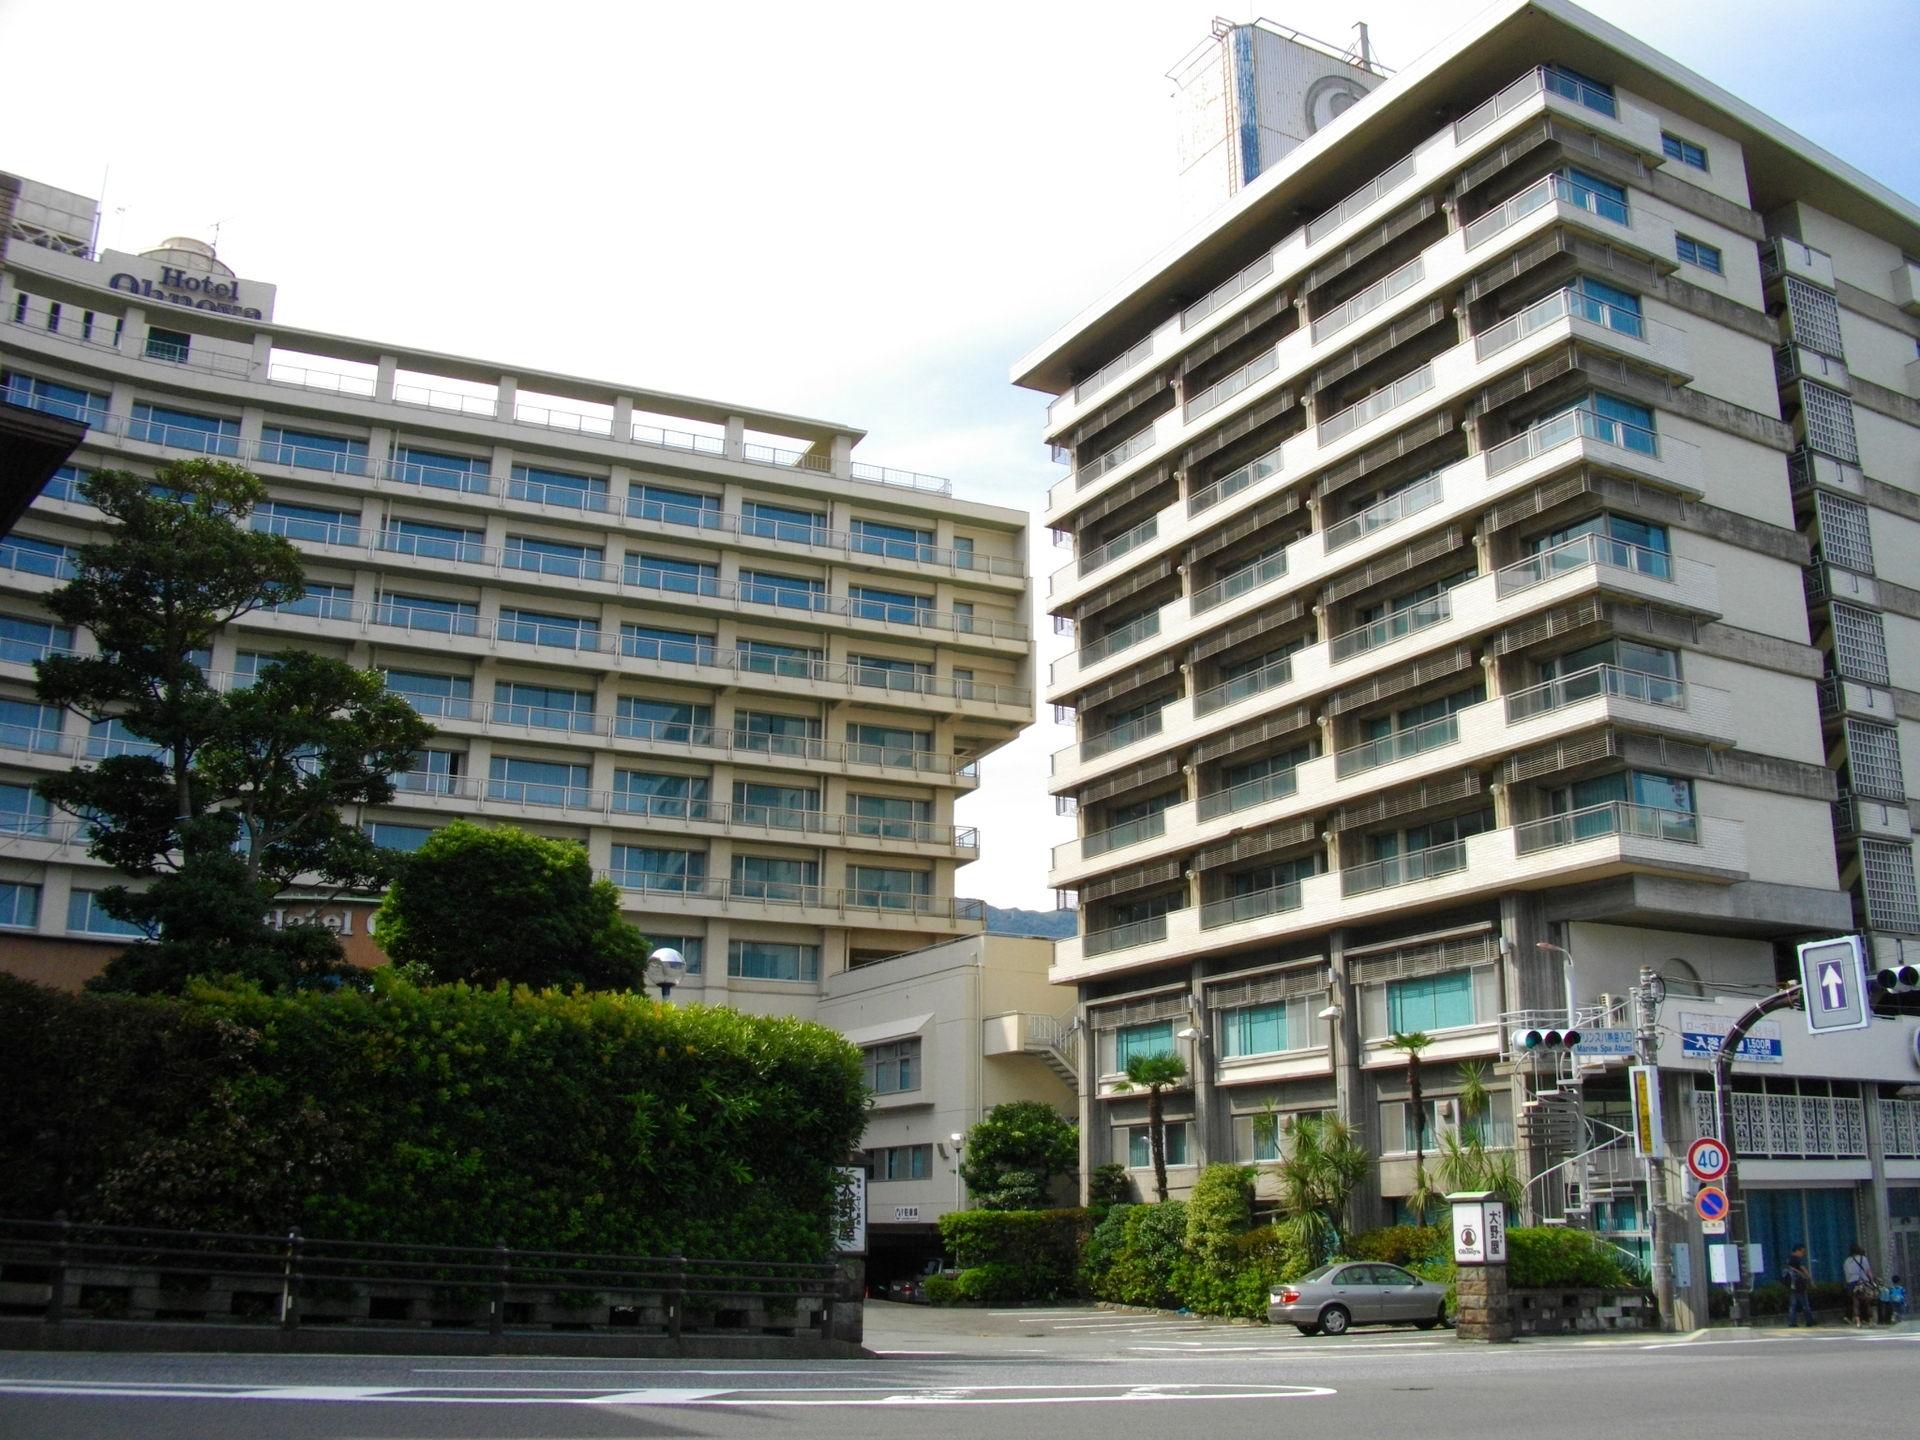 ホテル大野屋 - Wikipedia